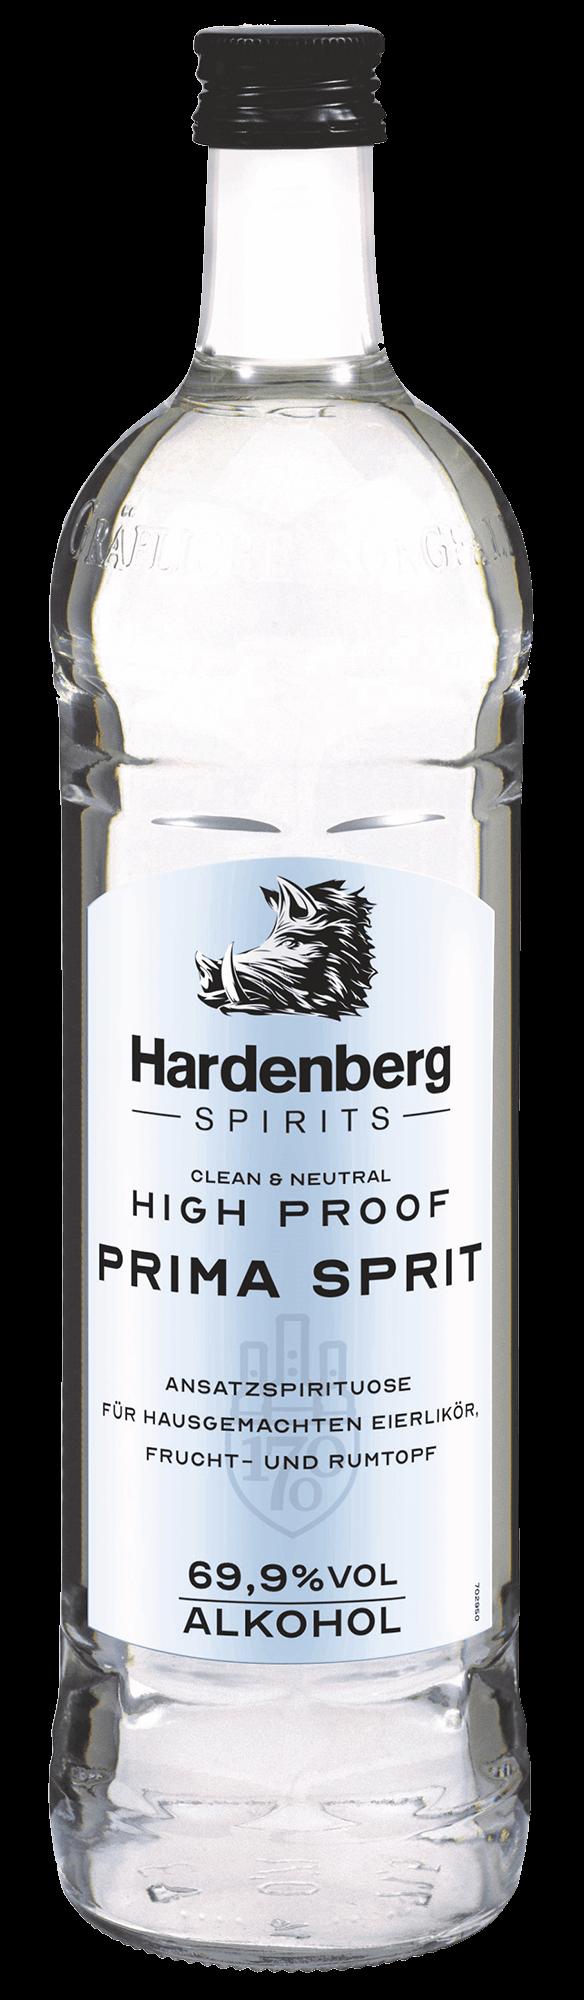 HARDENBERG PRIMA SPRIT